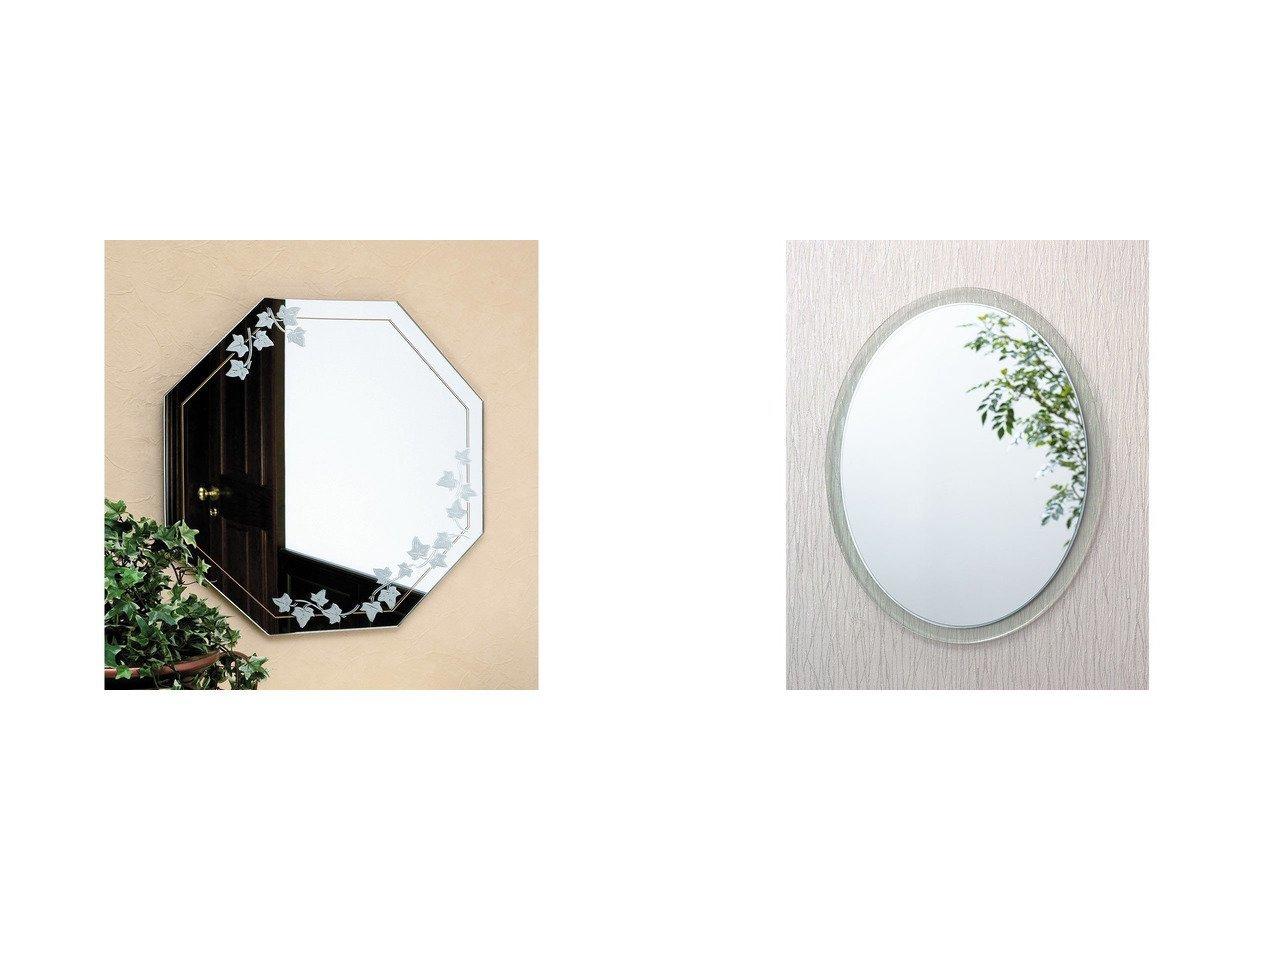 【FLYMEe BASIC/フライミー ベーシック】のウォールミラー m77291&ウォールミラー m77323 【ミラー・鏡 お家時間 FURNITURE】おすすめ!人気、インテリア雑貨・家具の通販 おすすめで人気の流行・トレンド、ファッションの通販商品 インテリア・家具・メンズファッション・キッズファッション・レディースファッション・服の通販 founy(ファニー) https://founy.com/ 送料無料 Free Shipping オーバル ガラス フレーム おすすめ Recommend アイビー ホーム・キャンプ・アウトドア Home,Garden,Outdoor,Camping Gear 家具・インテリア Furniture ミラー・ドレッサー Mirror ミラー・鏡 ホーム・キャンプ・アウトドア Home,Garden,Outdoor,Camping Gear 家具・インテリア Furniture ミラー・ドレッサー Mirror ドレッサー  ID:crp329100000054449